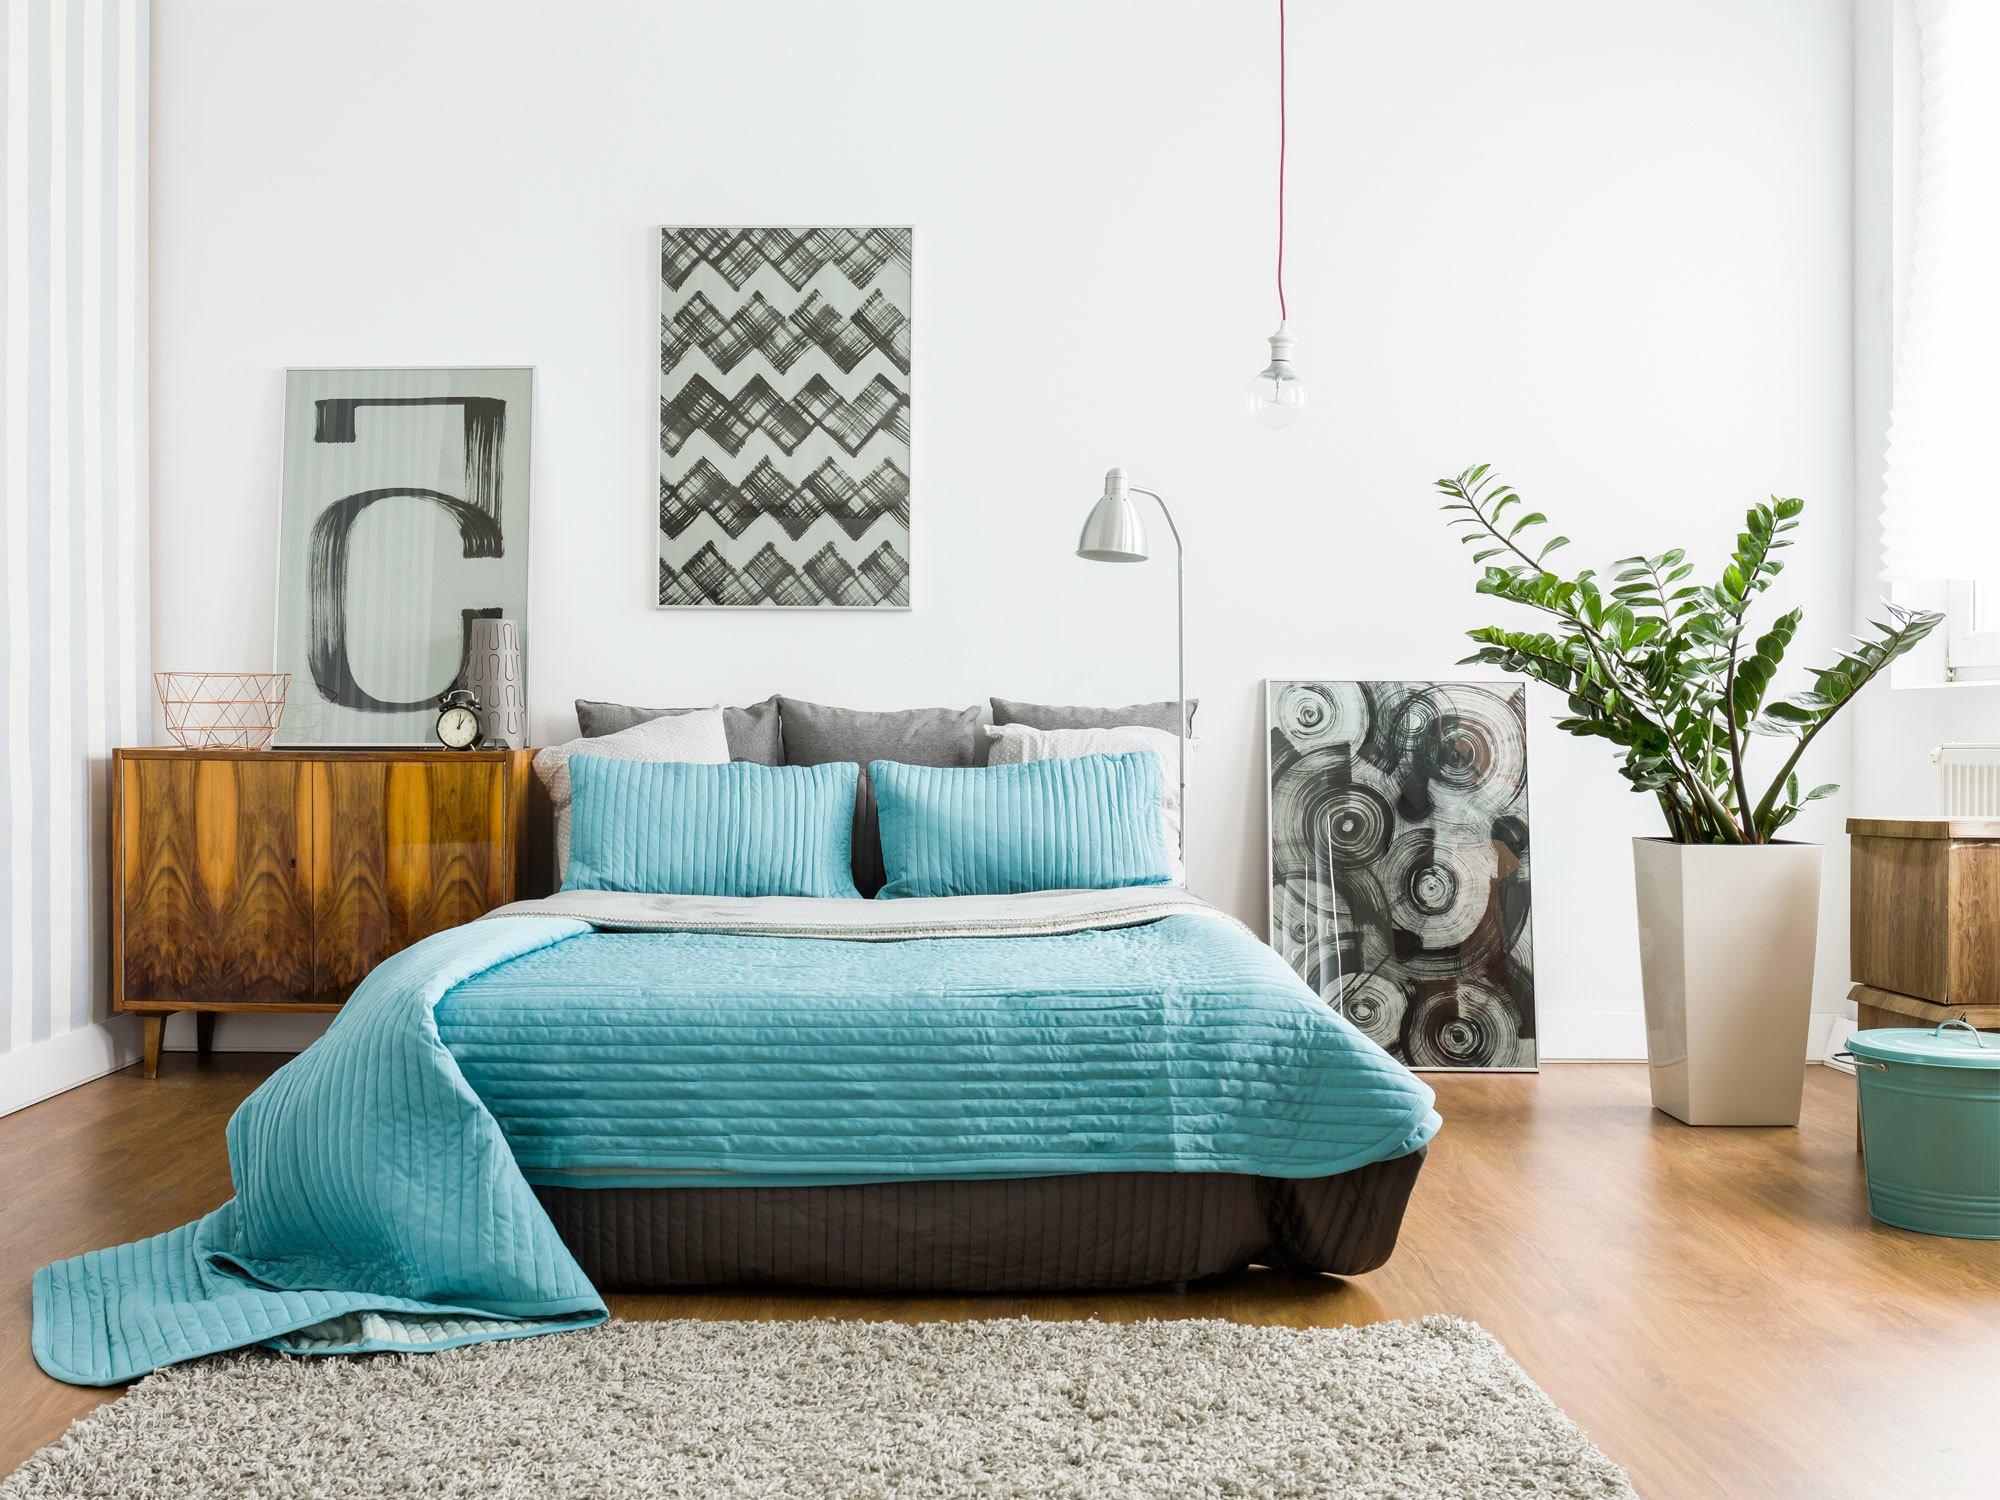 Schlafzimmer einrichten: Das Bett als zentrales Teil der Einrichtung